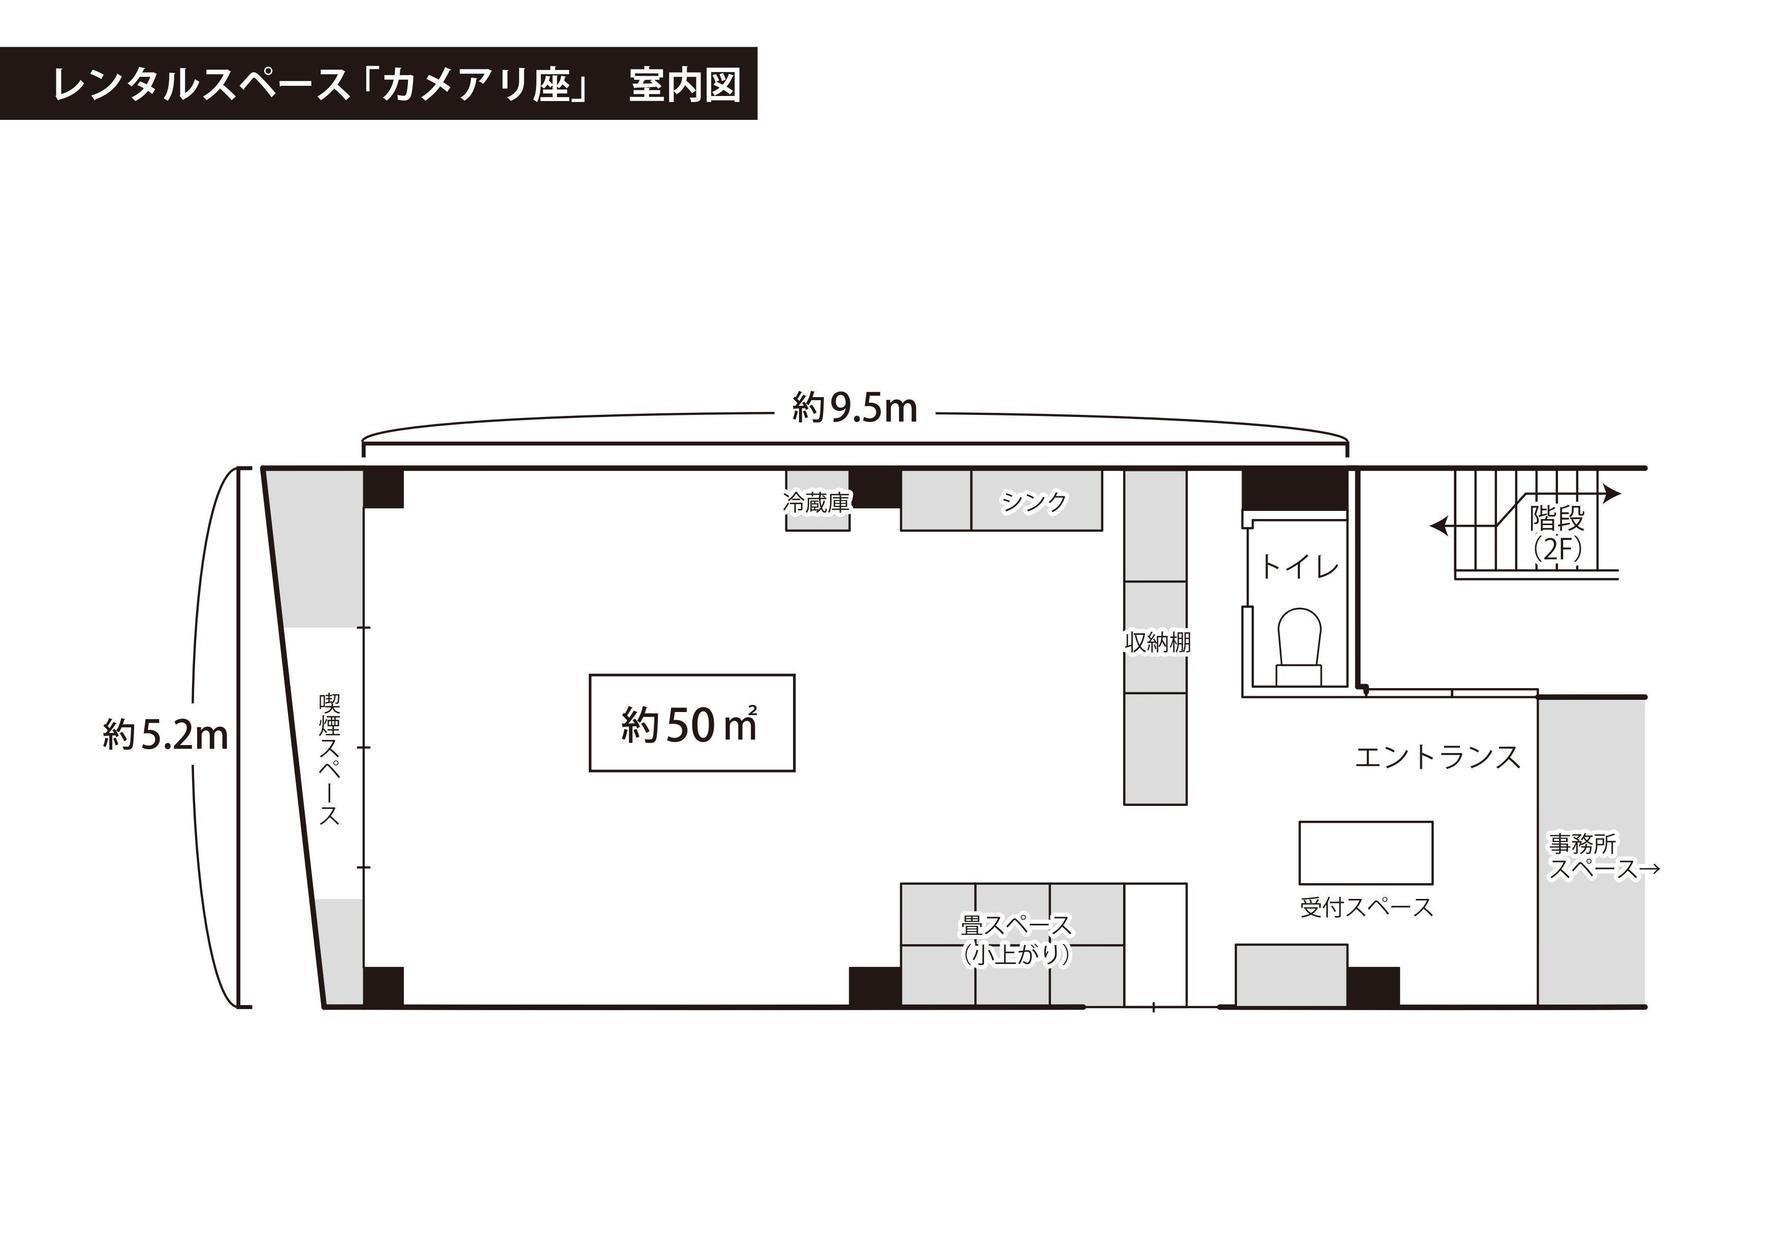 【亀有駅2分/広々50㎡】キッチン付き♪周りを気にせず楽しめるレンタルスペース 「カメアリ座」 の写真